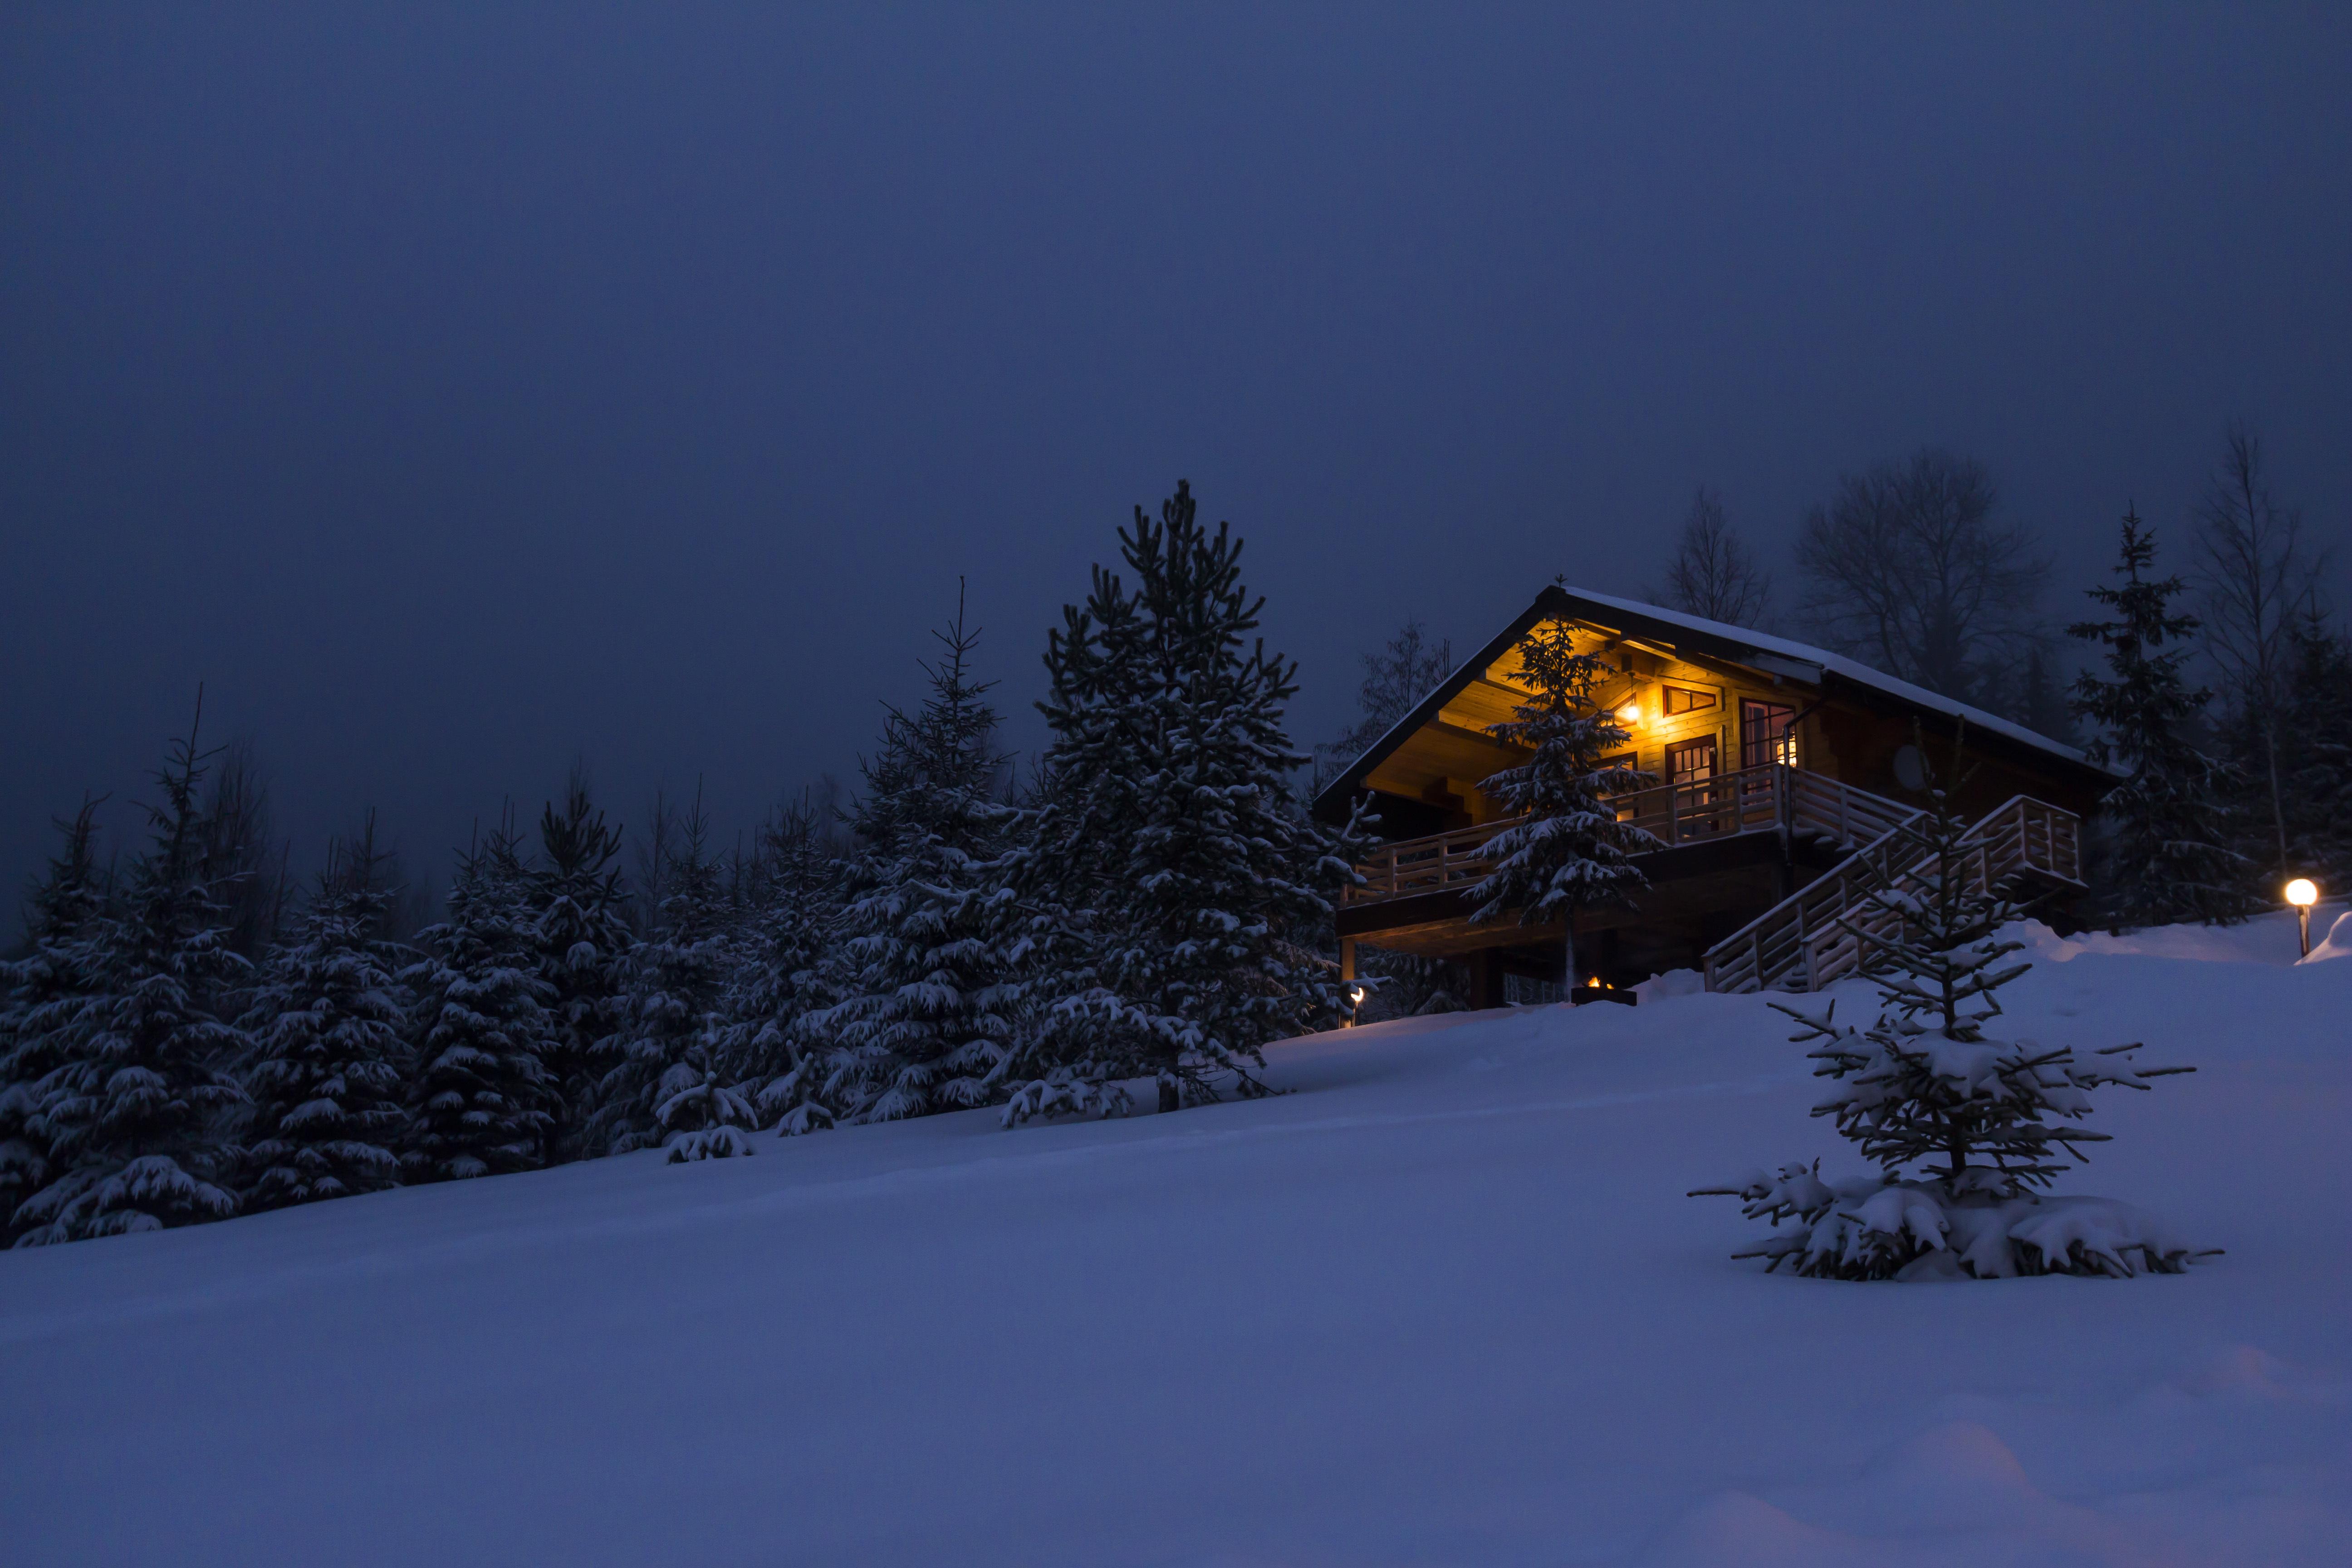 Зимняя Деревня Обои На Рабочий Стол